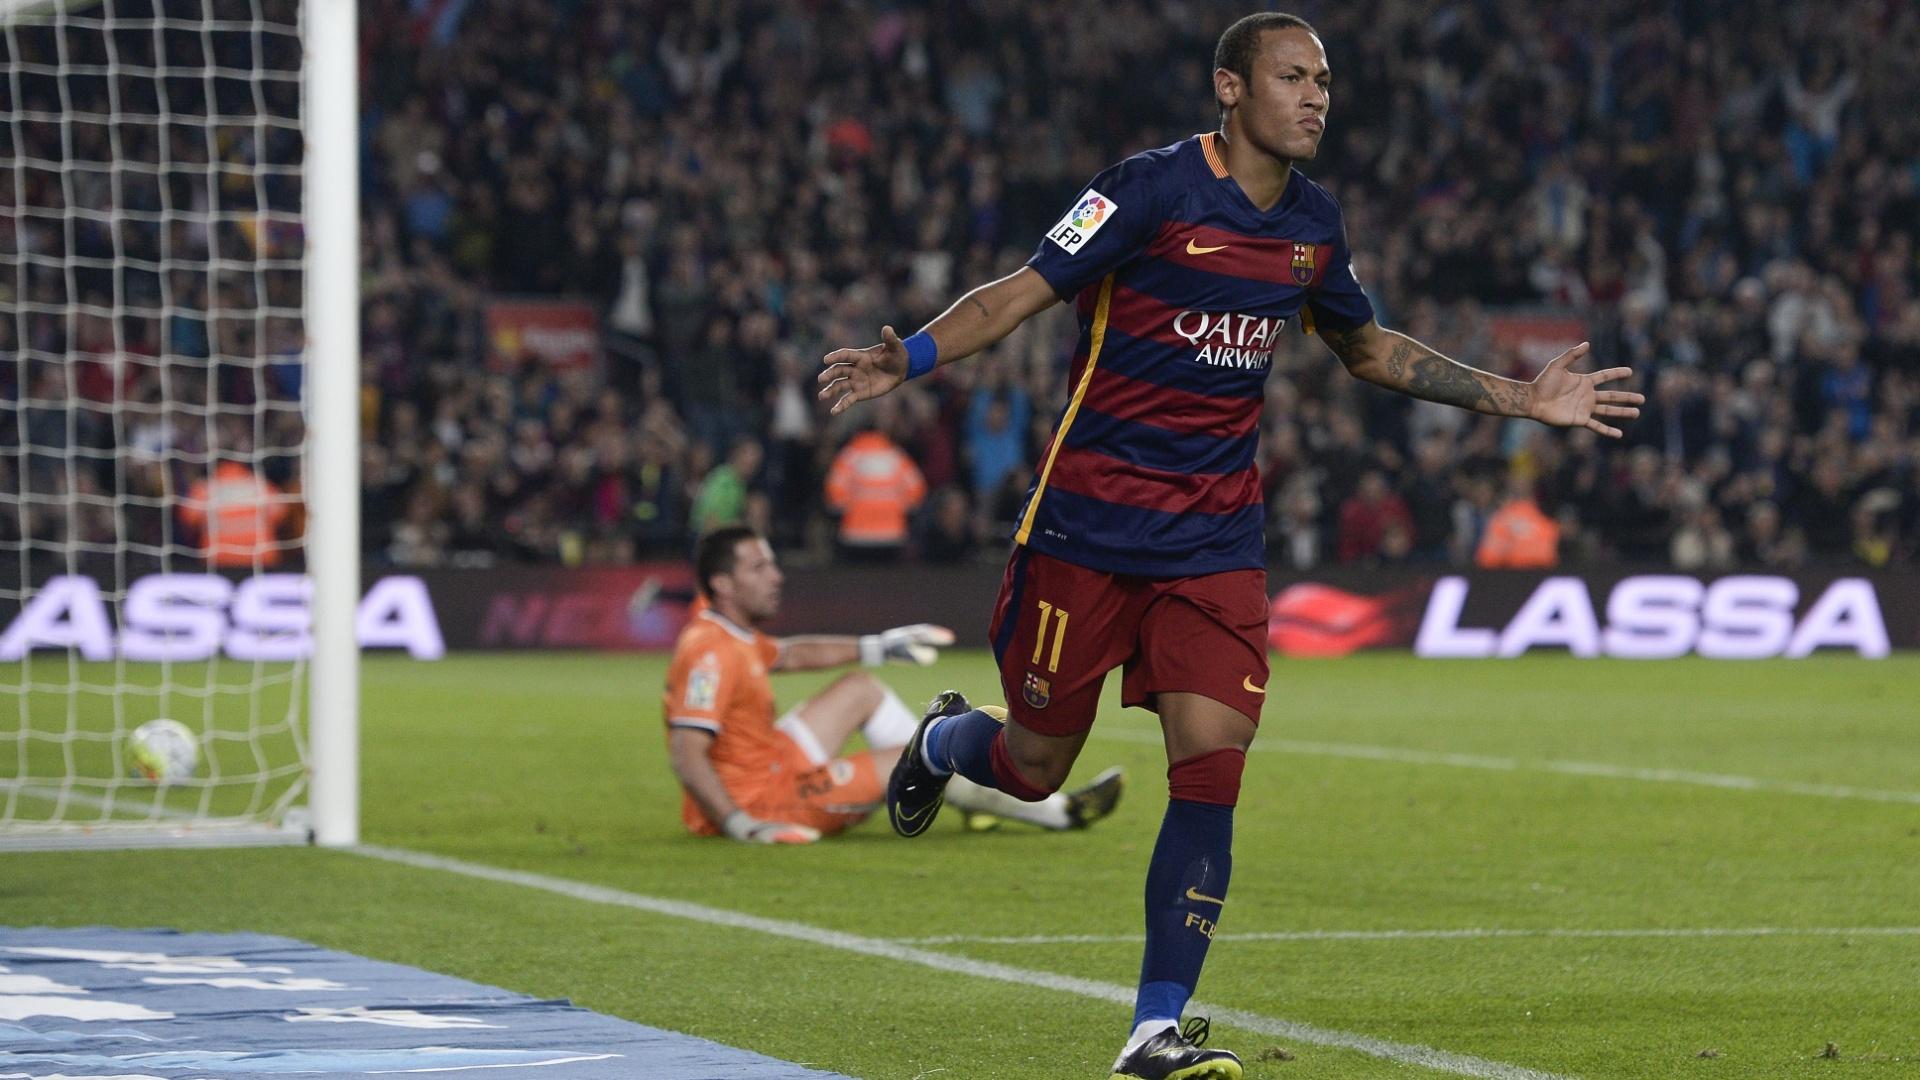 Neymar brilhou na vitória do Barcelona sobre o Rayo Vallecano ao marcar quatro gols